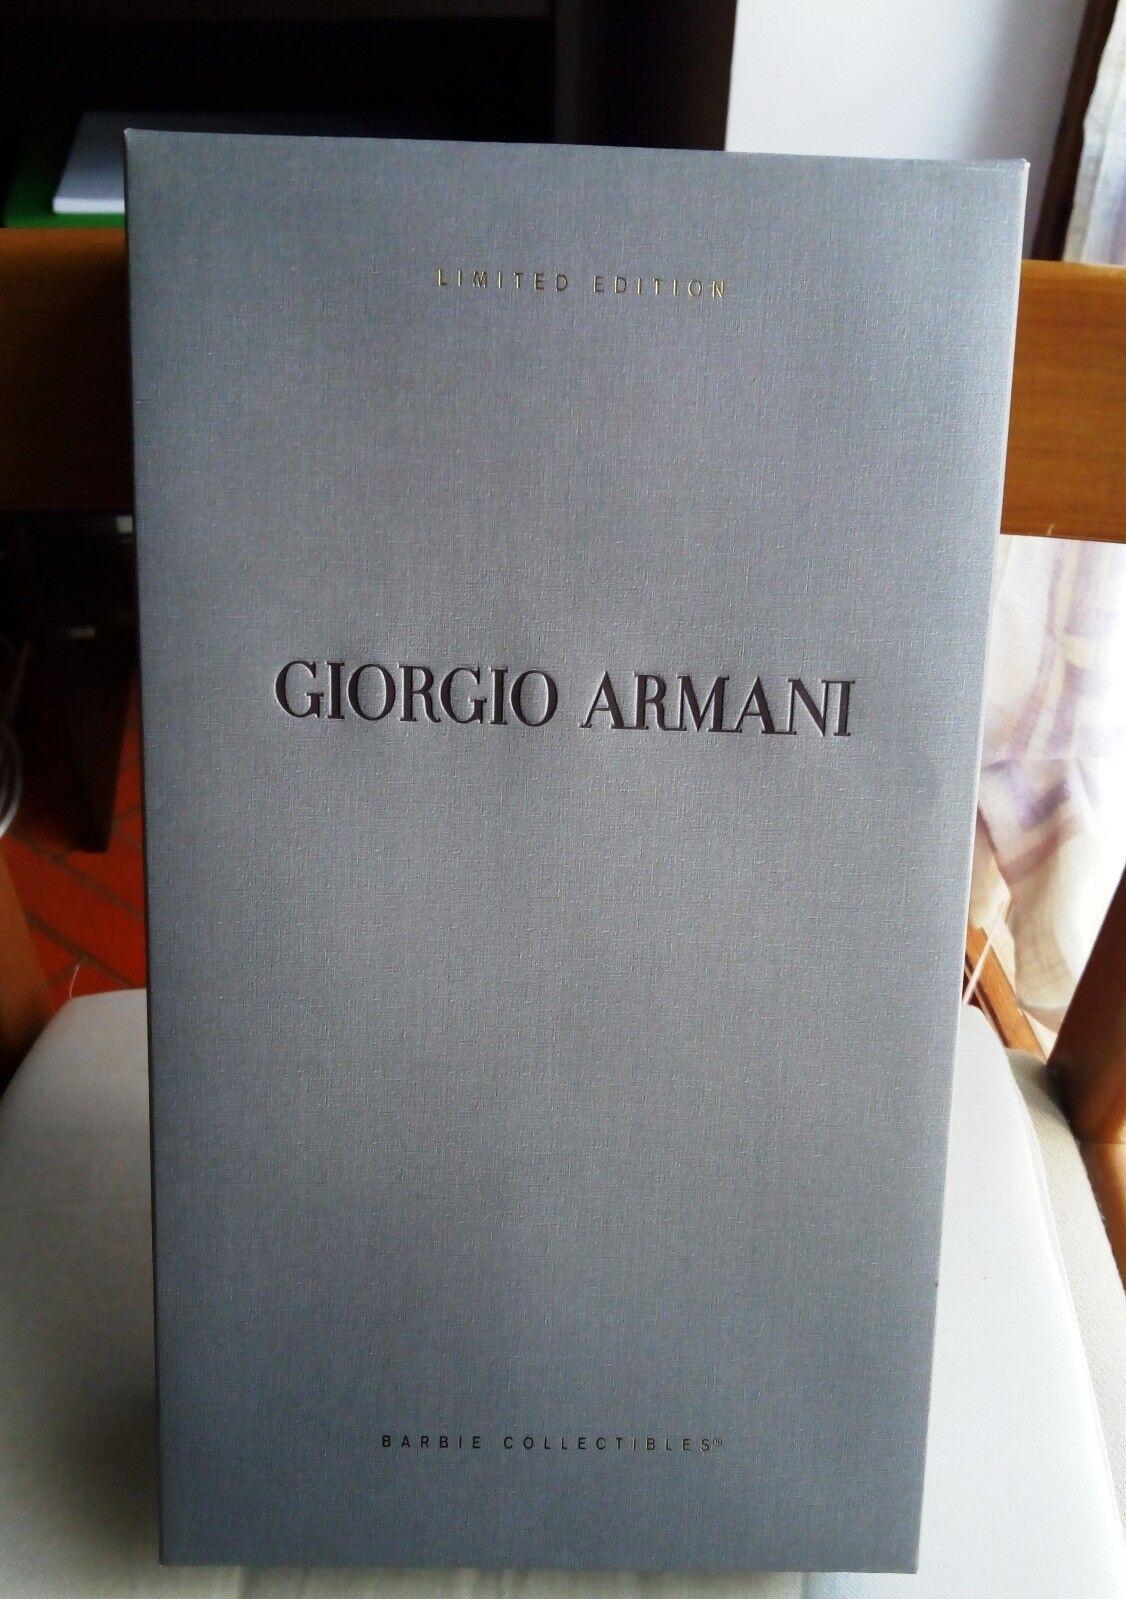 Barbie grandi stilisti Giorgio Armani